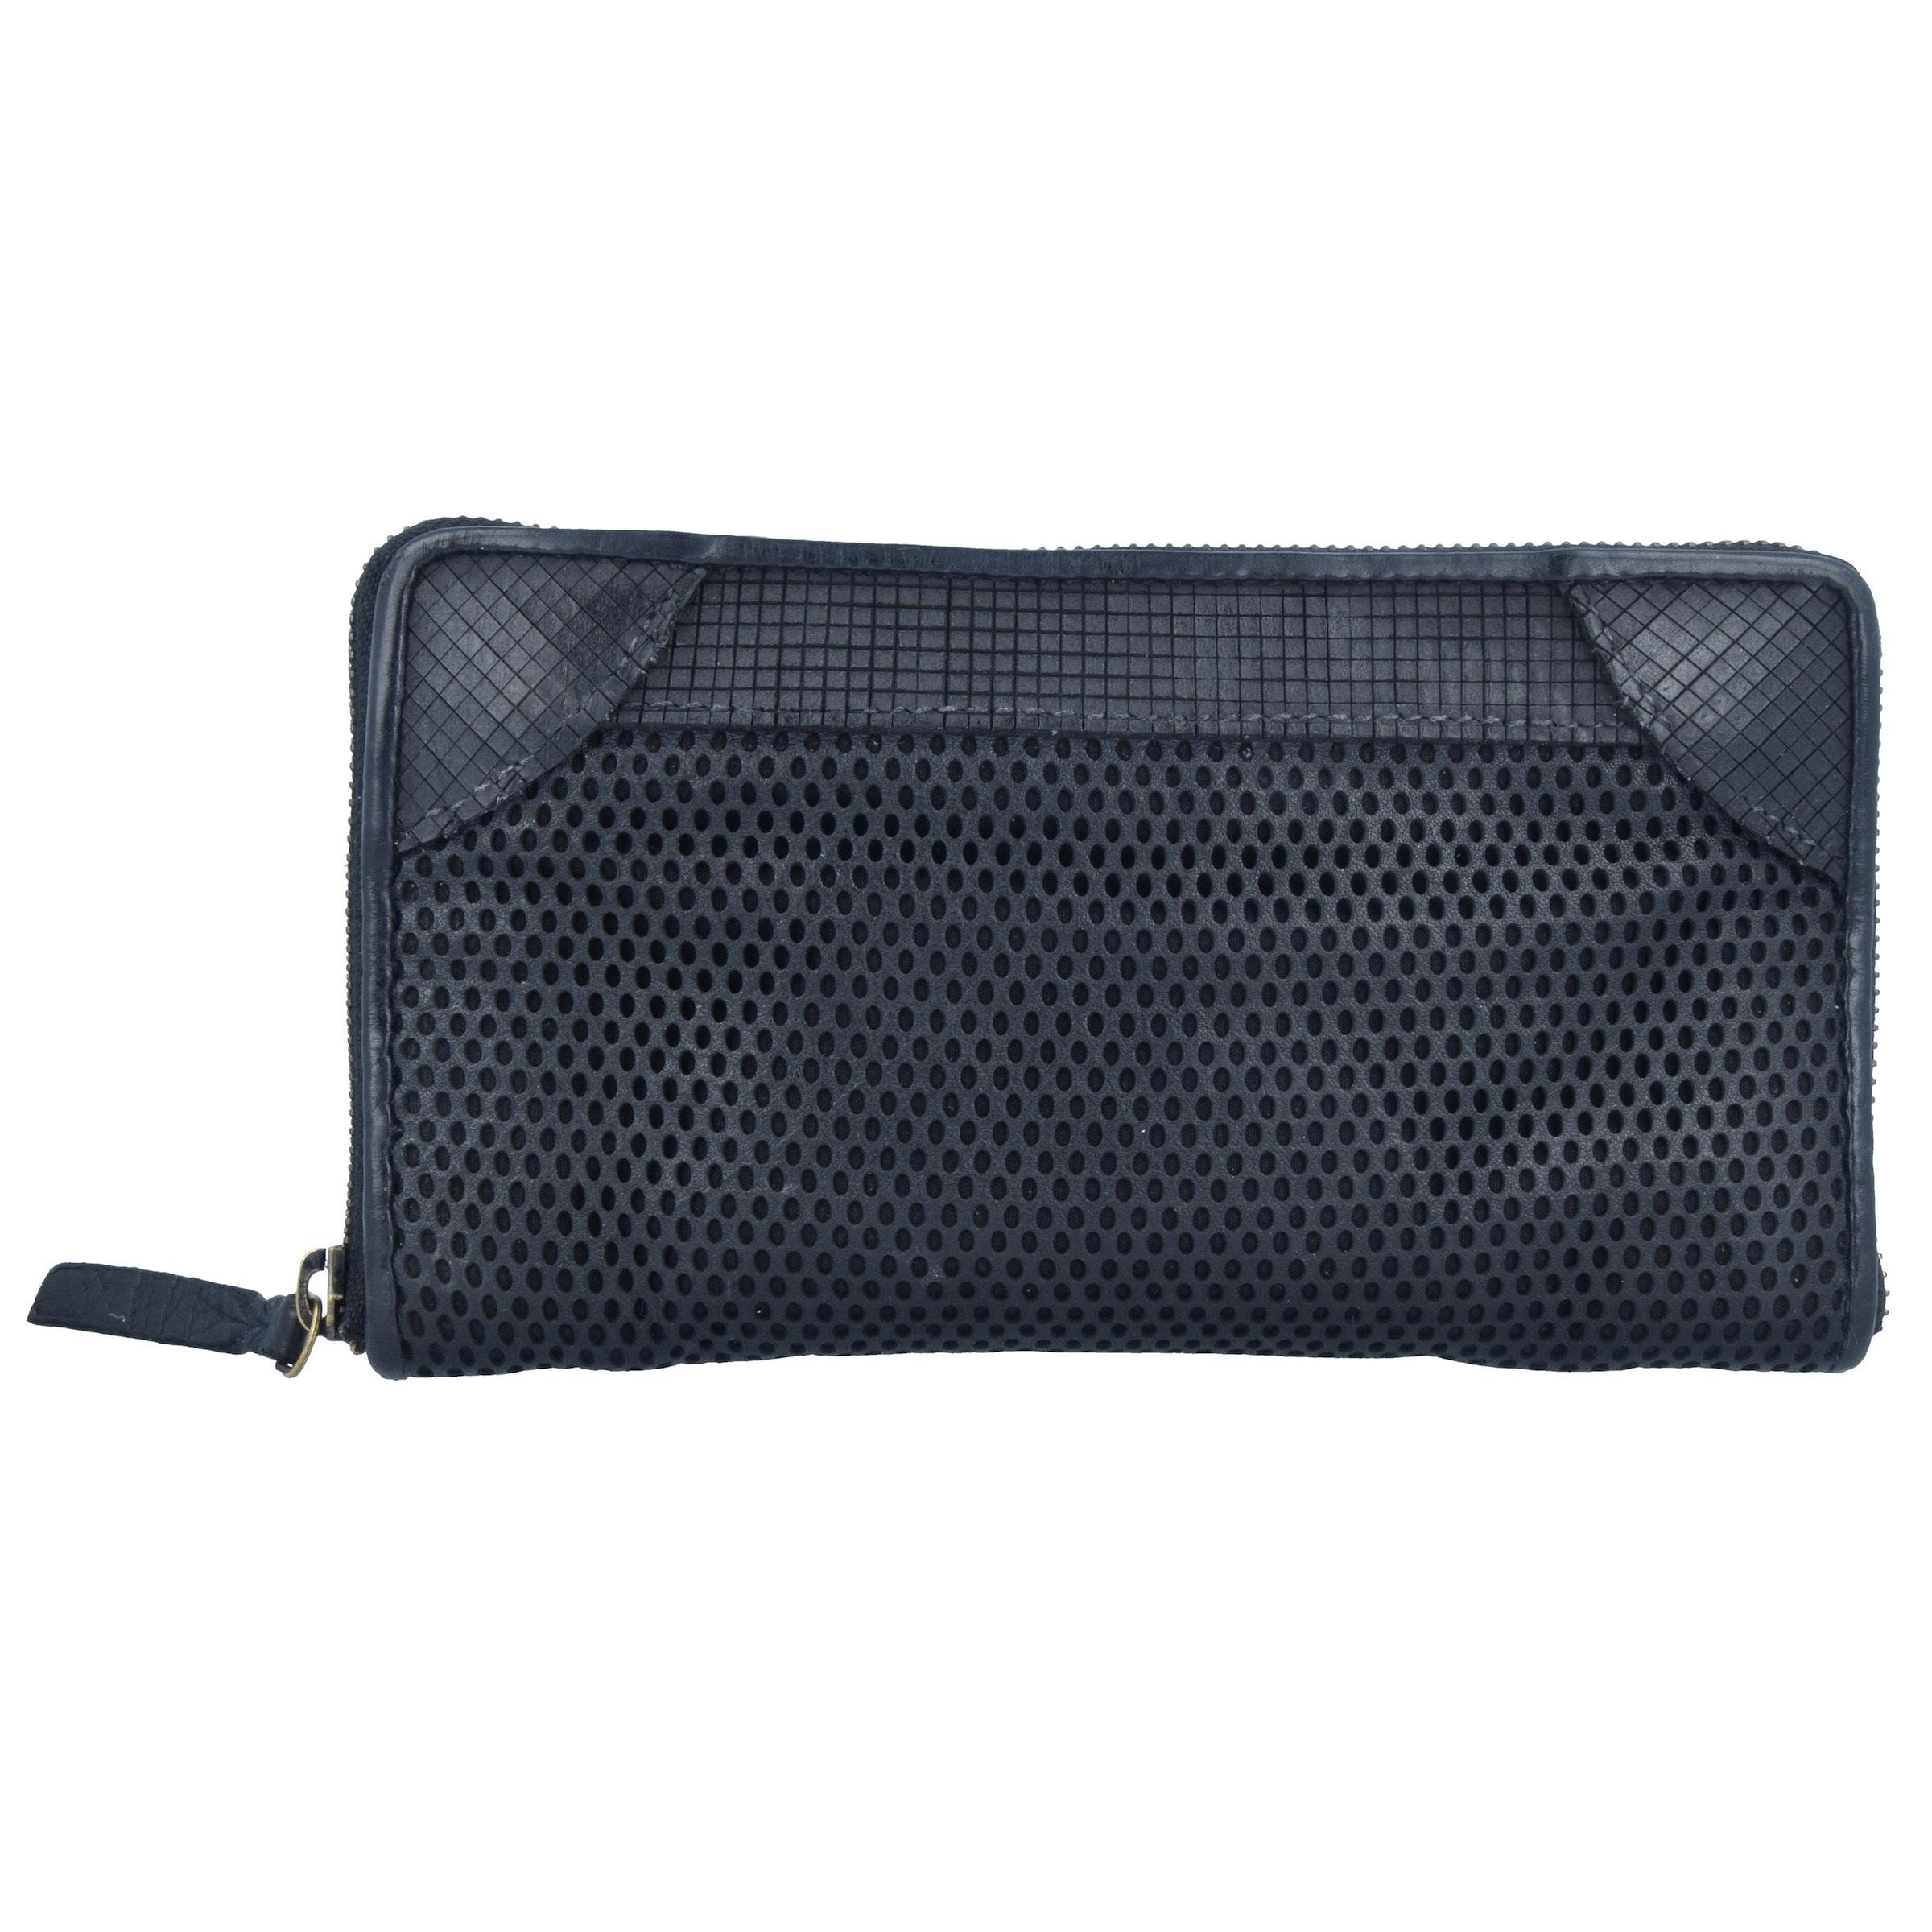 Ausgang Finden Große Taschendieb Wien Geldbörse Leder 20 cm Großer Verkauf Verkauf Online Modisch Cool Online Billigsten fCJMCY